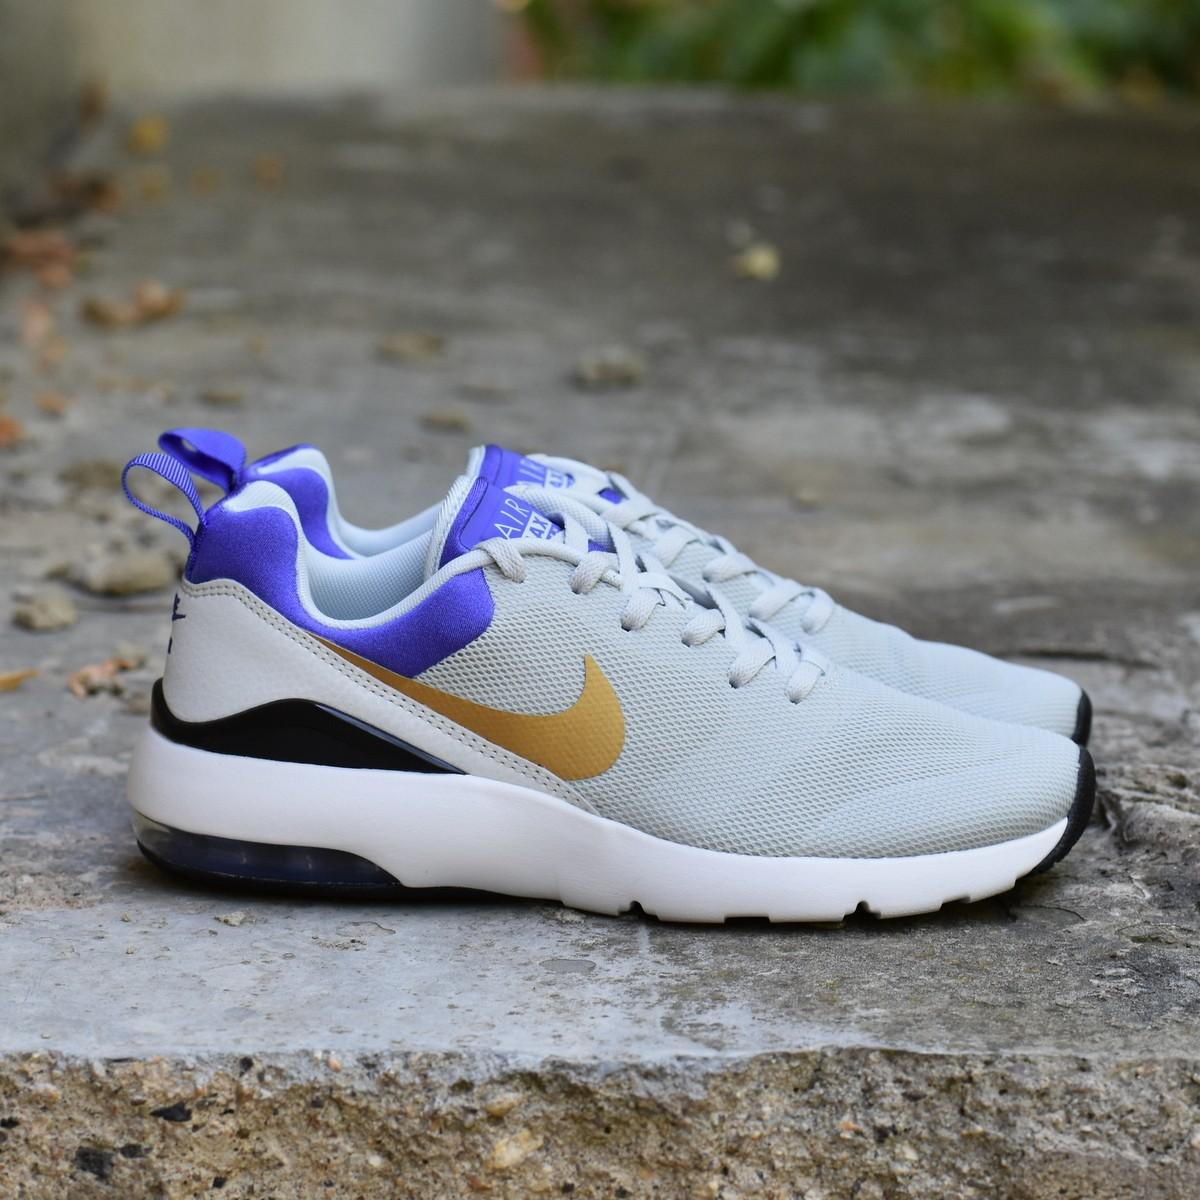 Nike WMNS AIR MAX SIREN Dámské boty EU 36 749510-001 776f1bf838